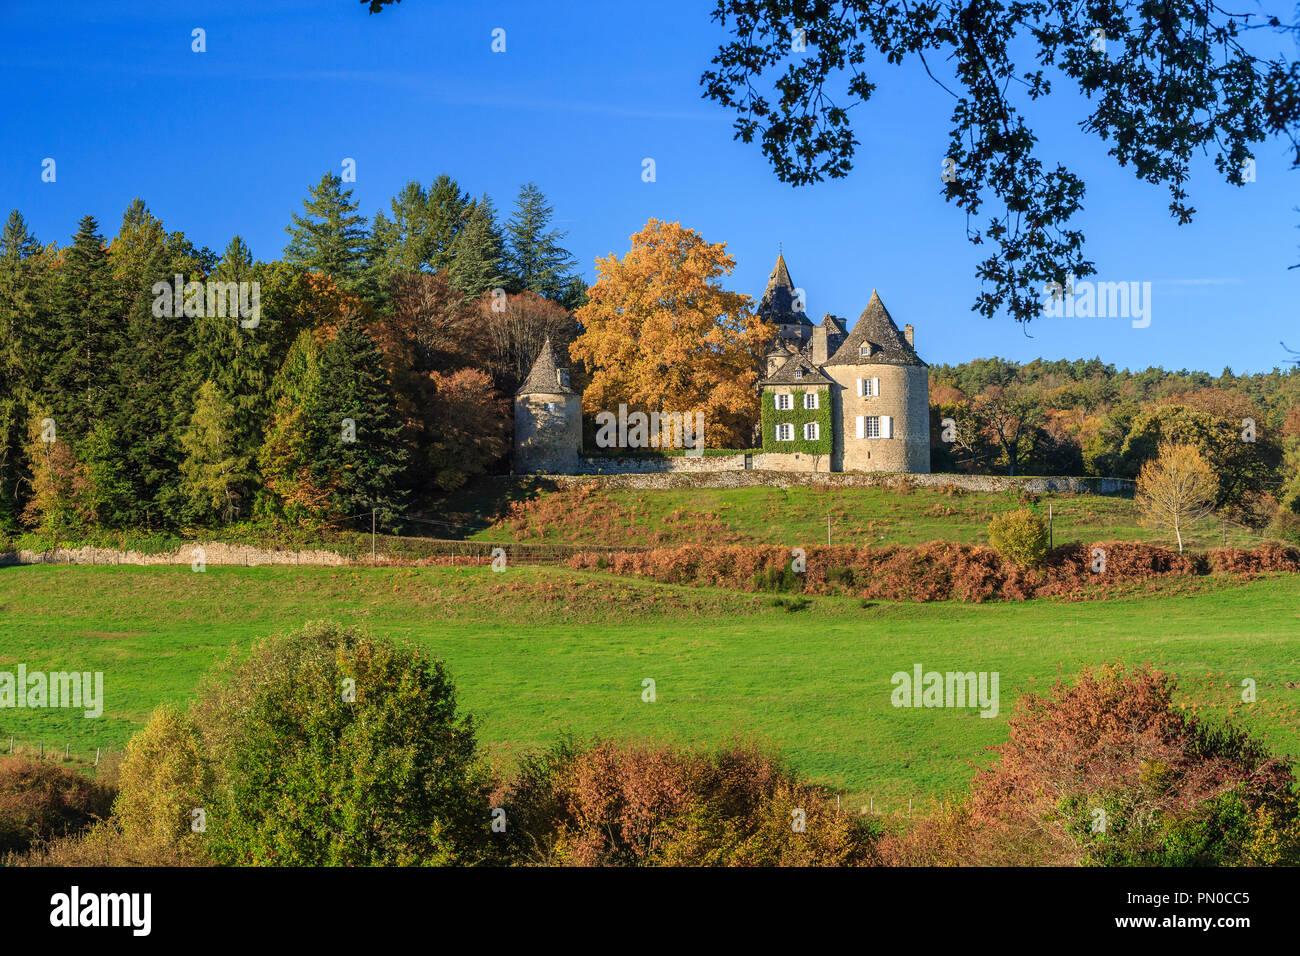 France, Correze, Saint Bonnet les Tours de Merle, Chateau du Rieux // France, Corrèze (19), Saint-Bonnet-les-Tours-de-Merle, château du Rieux - Stock Image